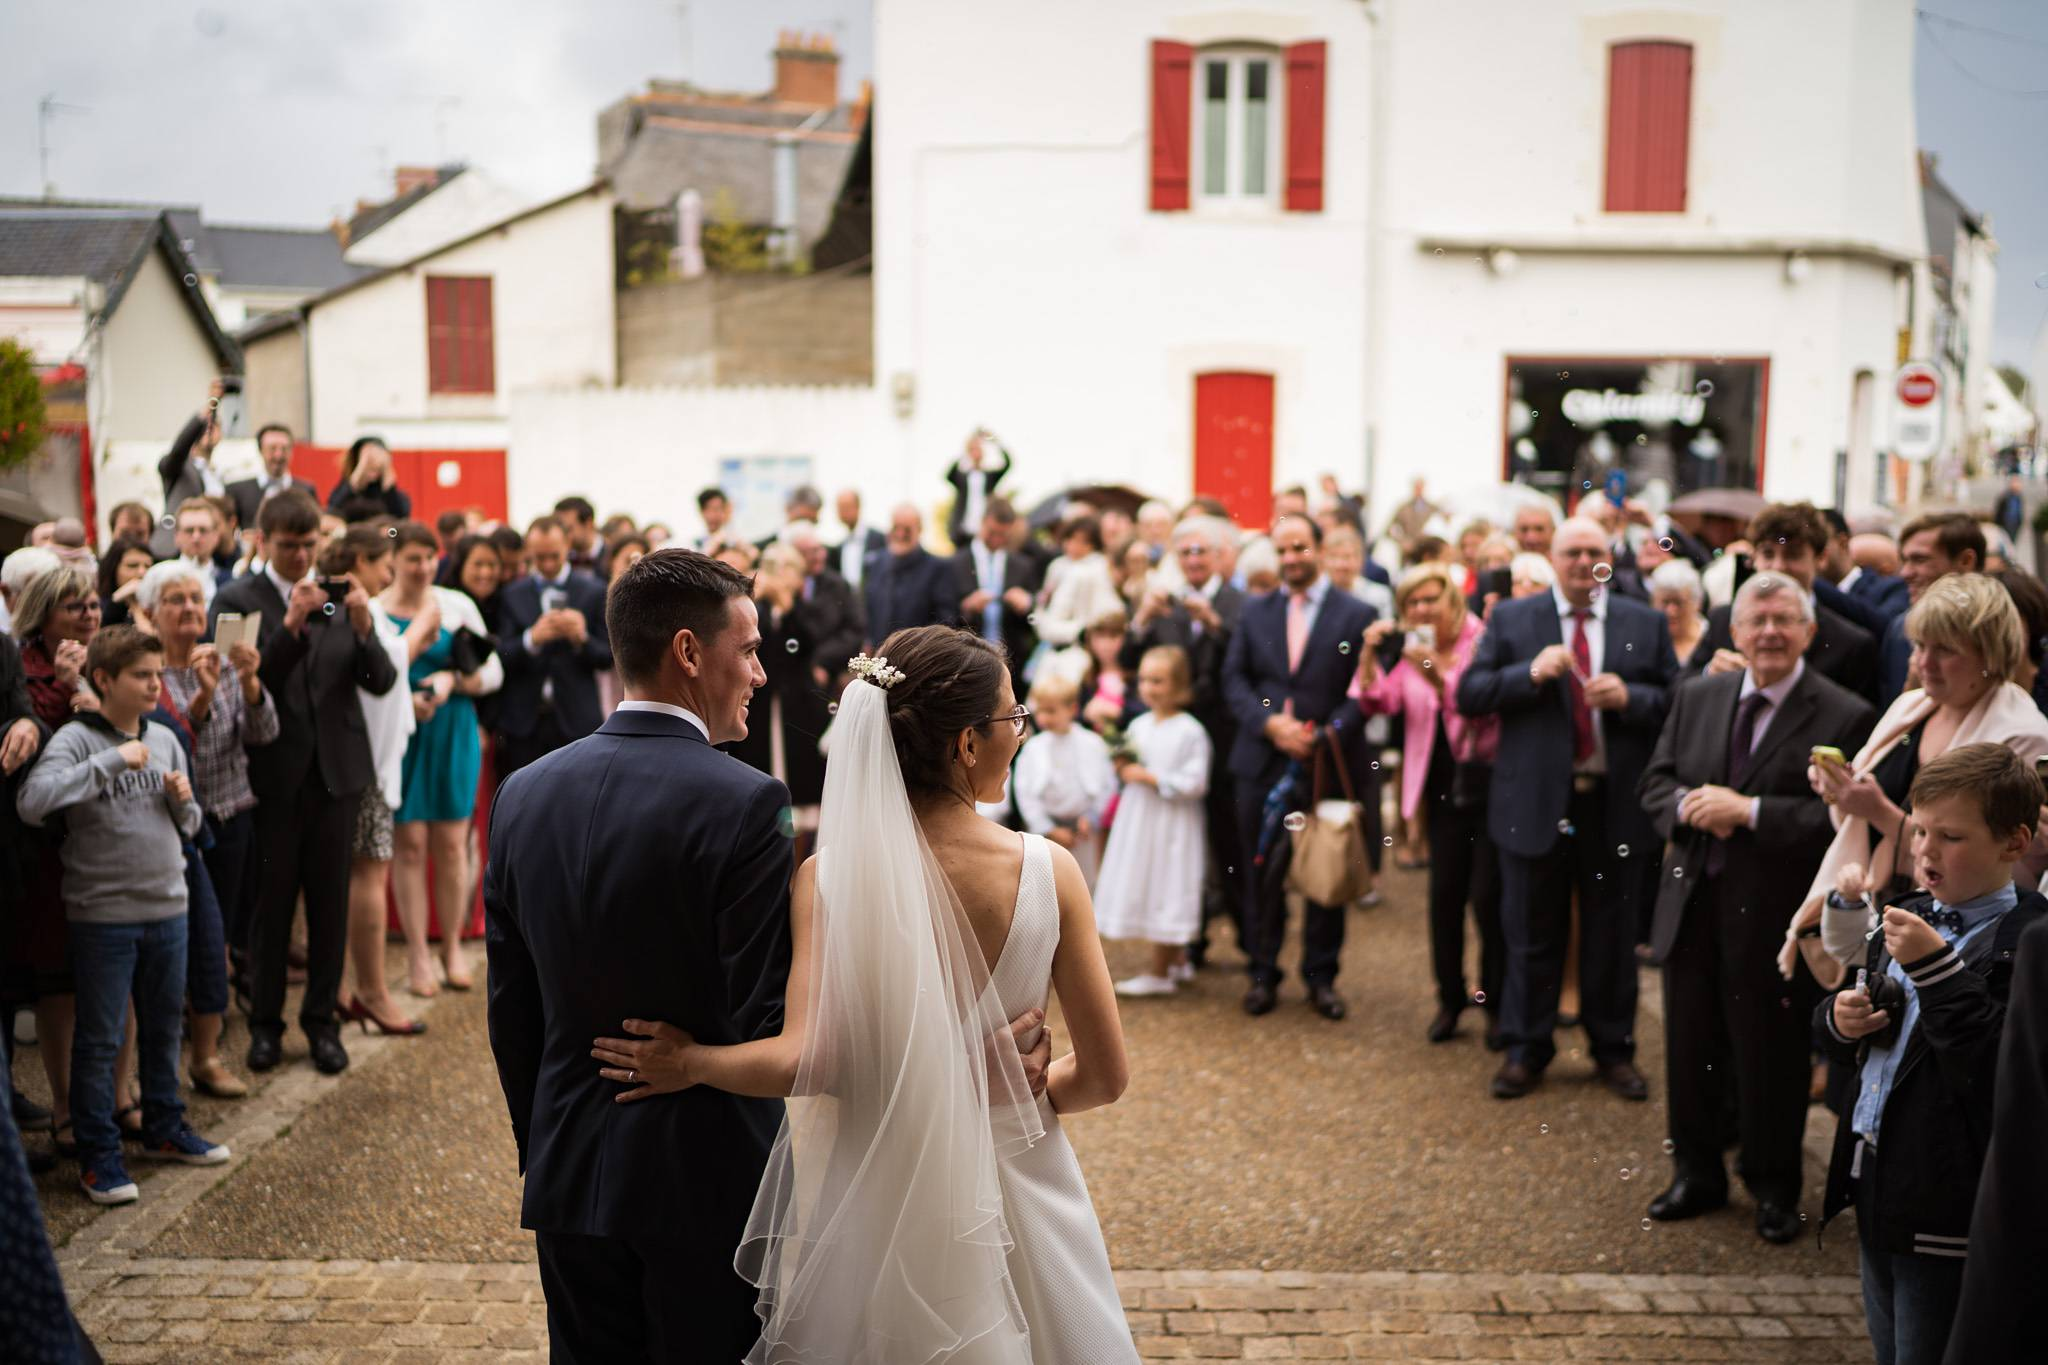 Un teaser du mariage civil et Religieux au Pouliguen en Loire-Atlantique, puis au Château de Villeneuve à Guérande. Sans oublier le Brunch !